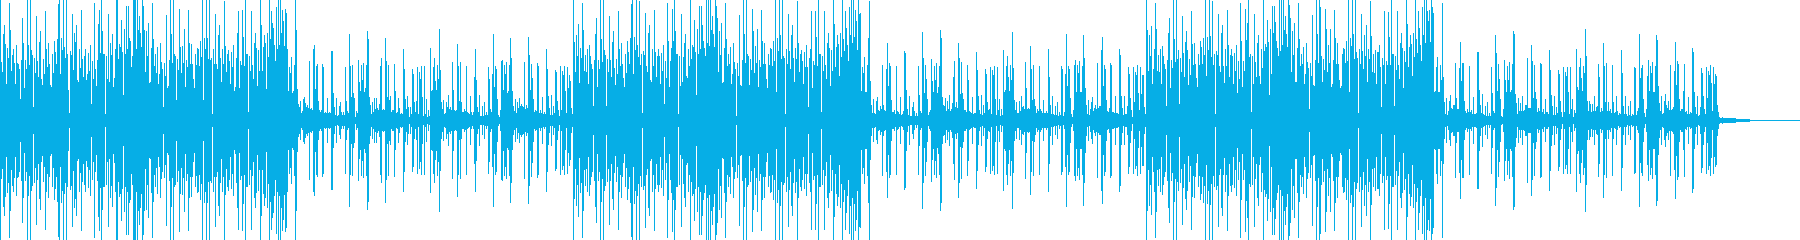 三味線を用いた和風で軽快なポップの再生済みの波形